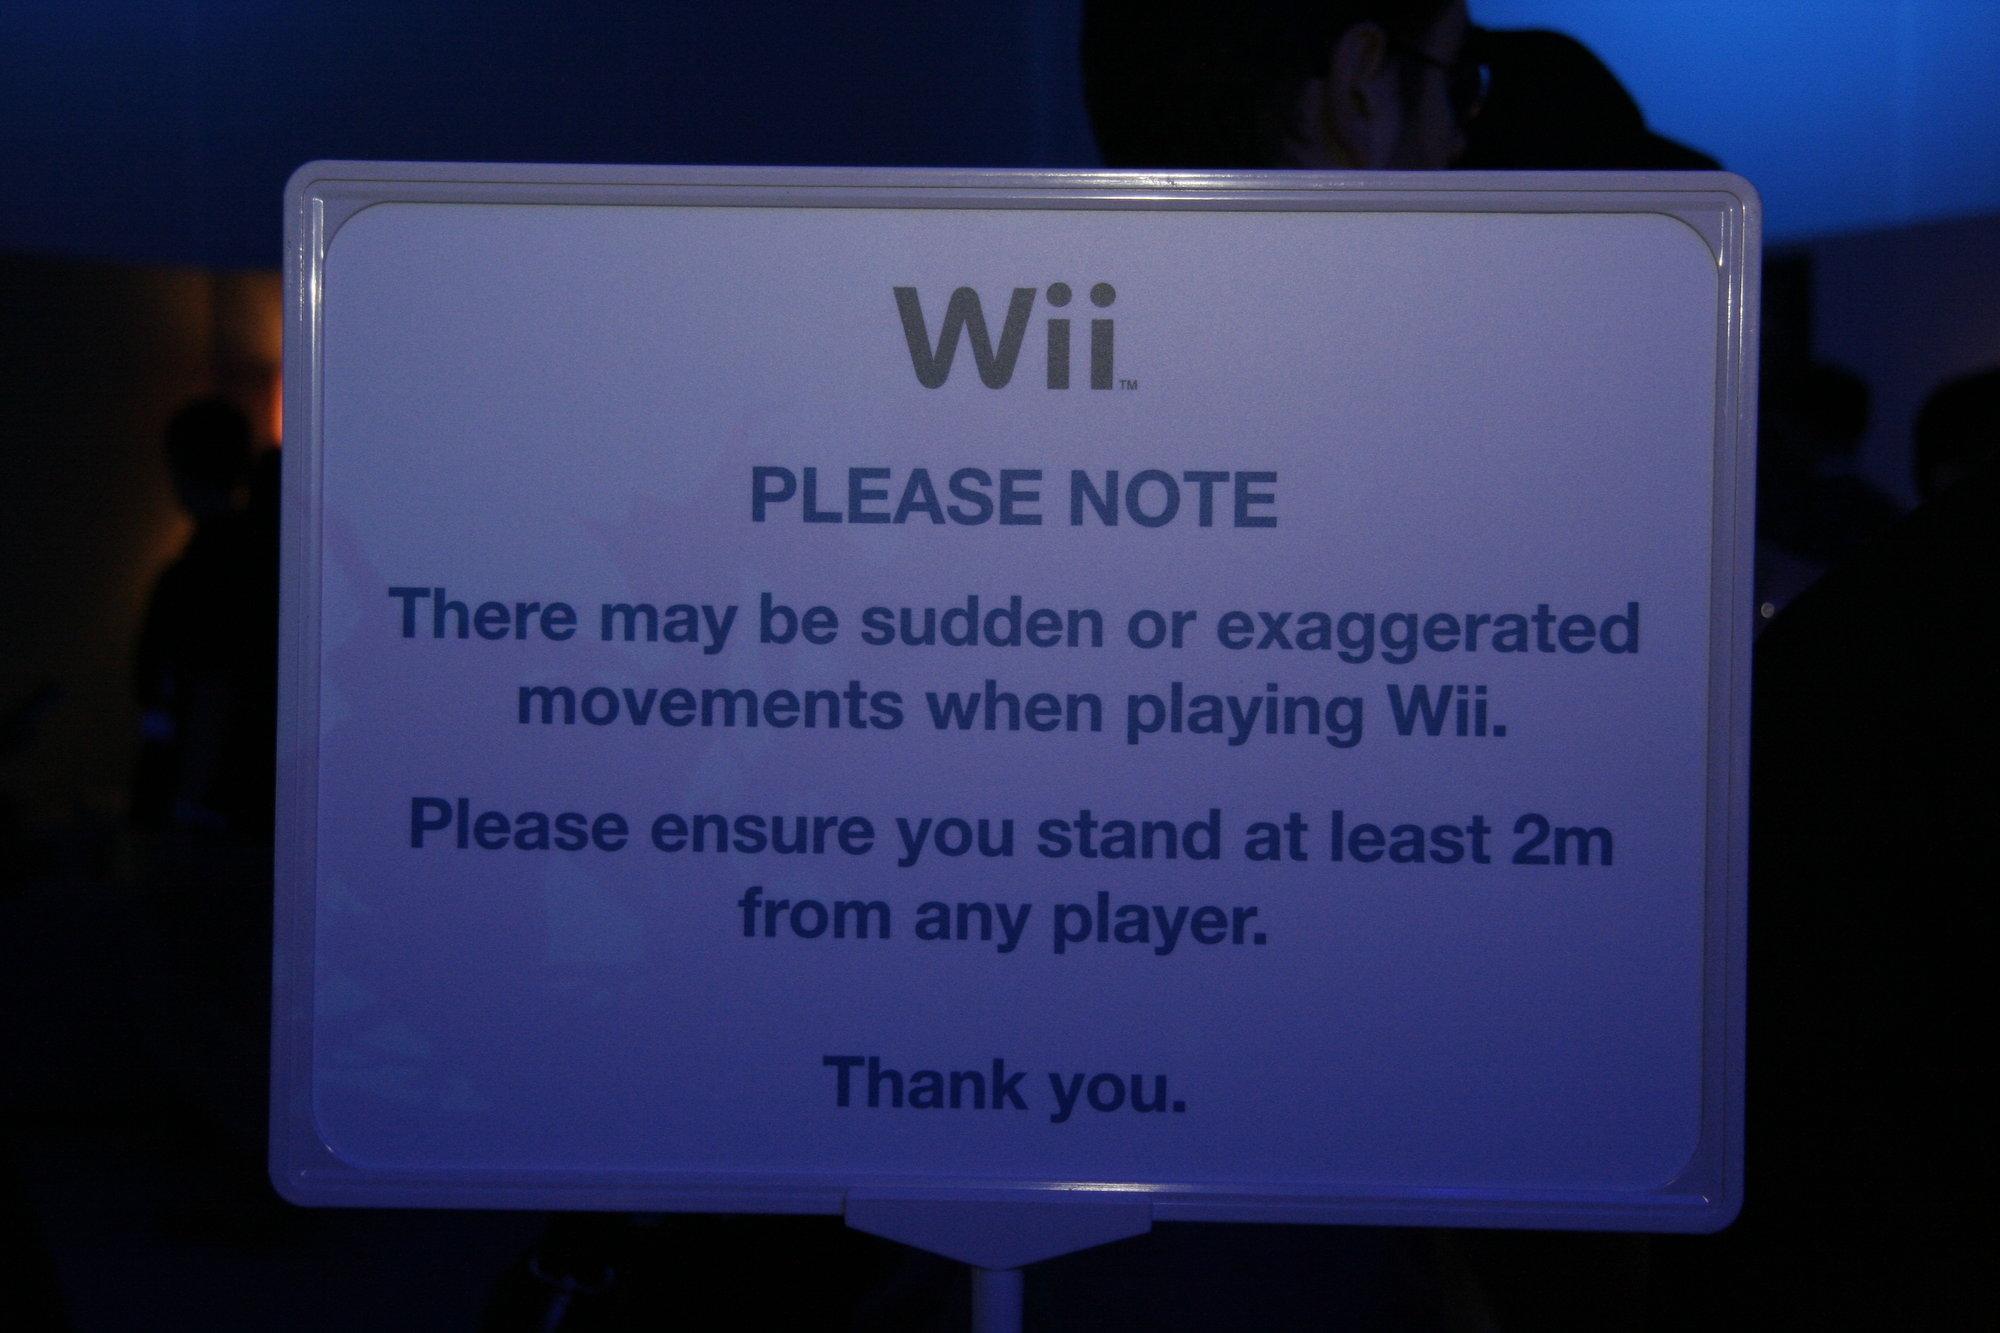 FARLIG, FARLIG: Nintendo oppfordrer deg til å holde trygg avstand til ivrige Wii-spillere.